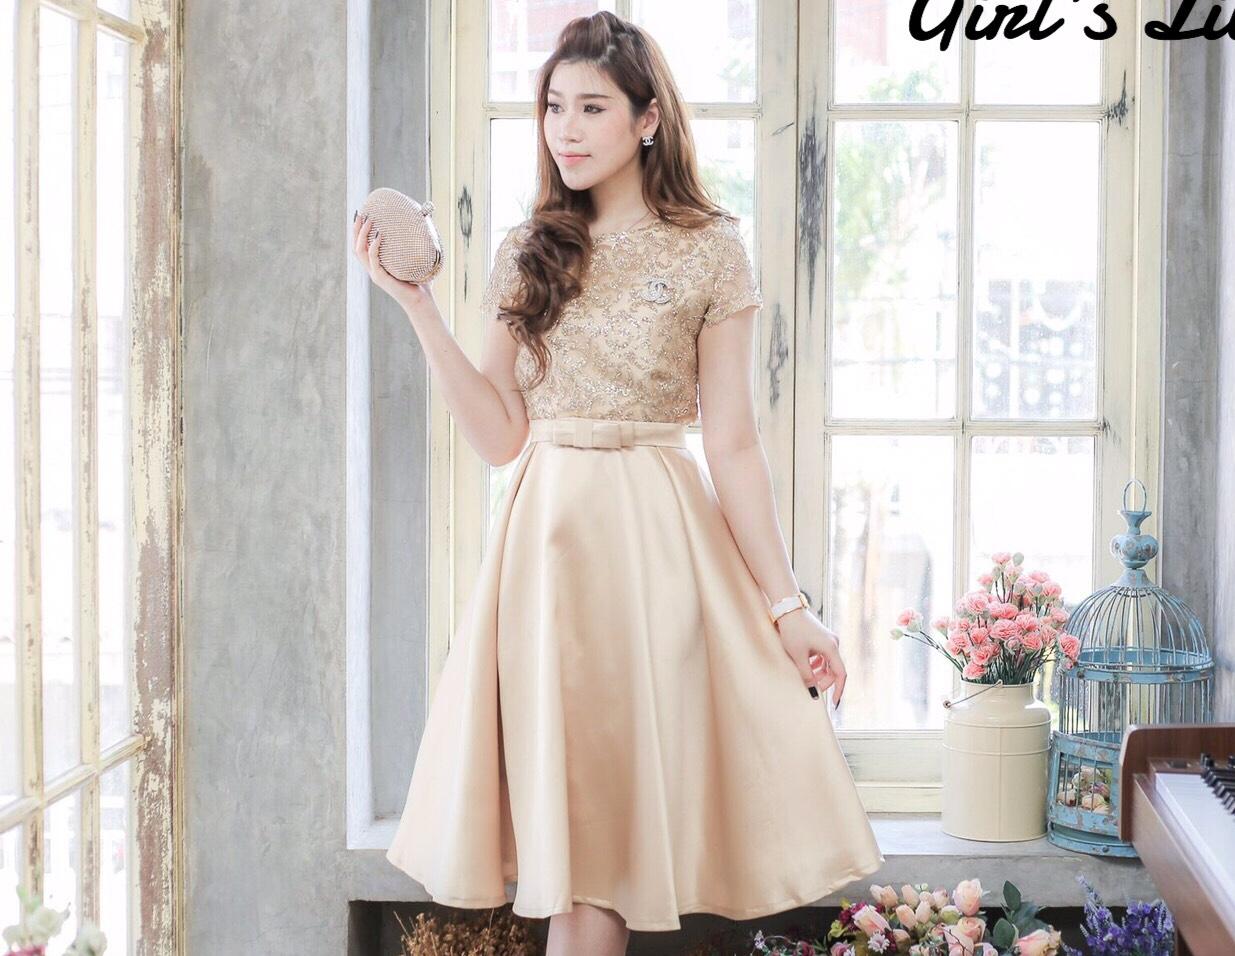 ชุดเดรสสวยหรูใส่ไปงานแต่งงาน ใส่ออกงาน สีทอง ตัวเสื้อปักเลื่อมสวยๆ แขนสั้น เย็บต่อด้วยกระโปรงบานผ้าไหมเกรดดี พร้อมเข็มขัดโบว์เข้าชุด